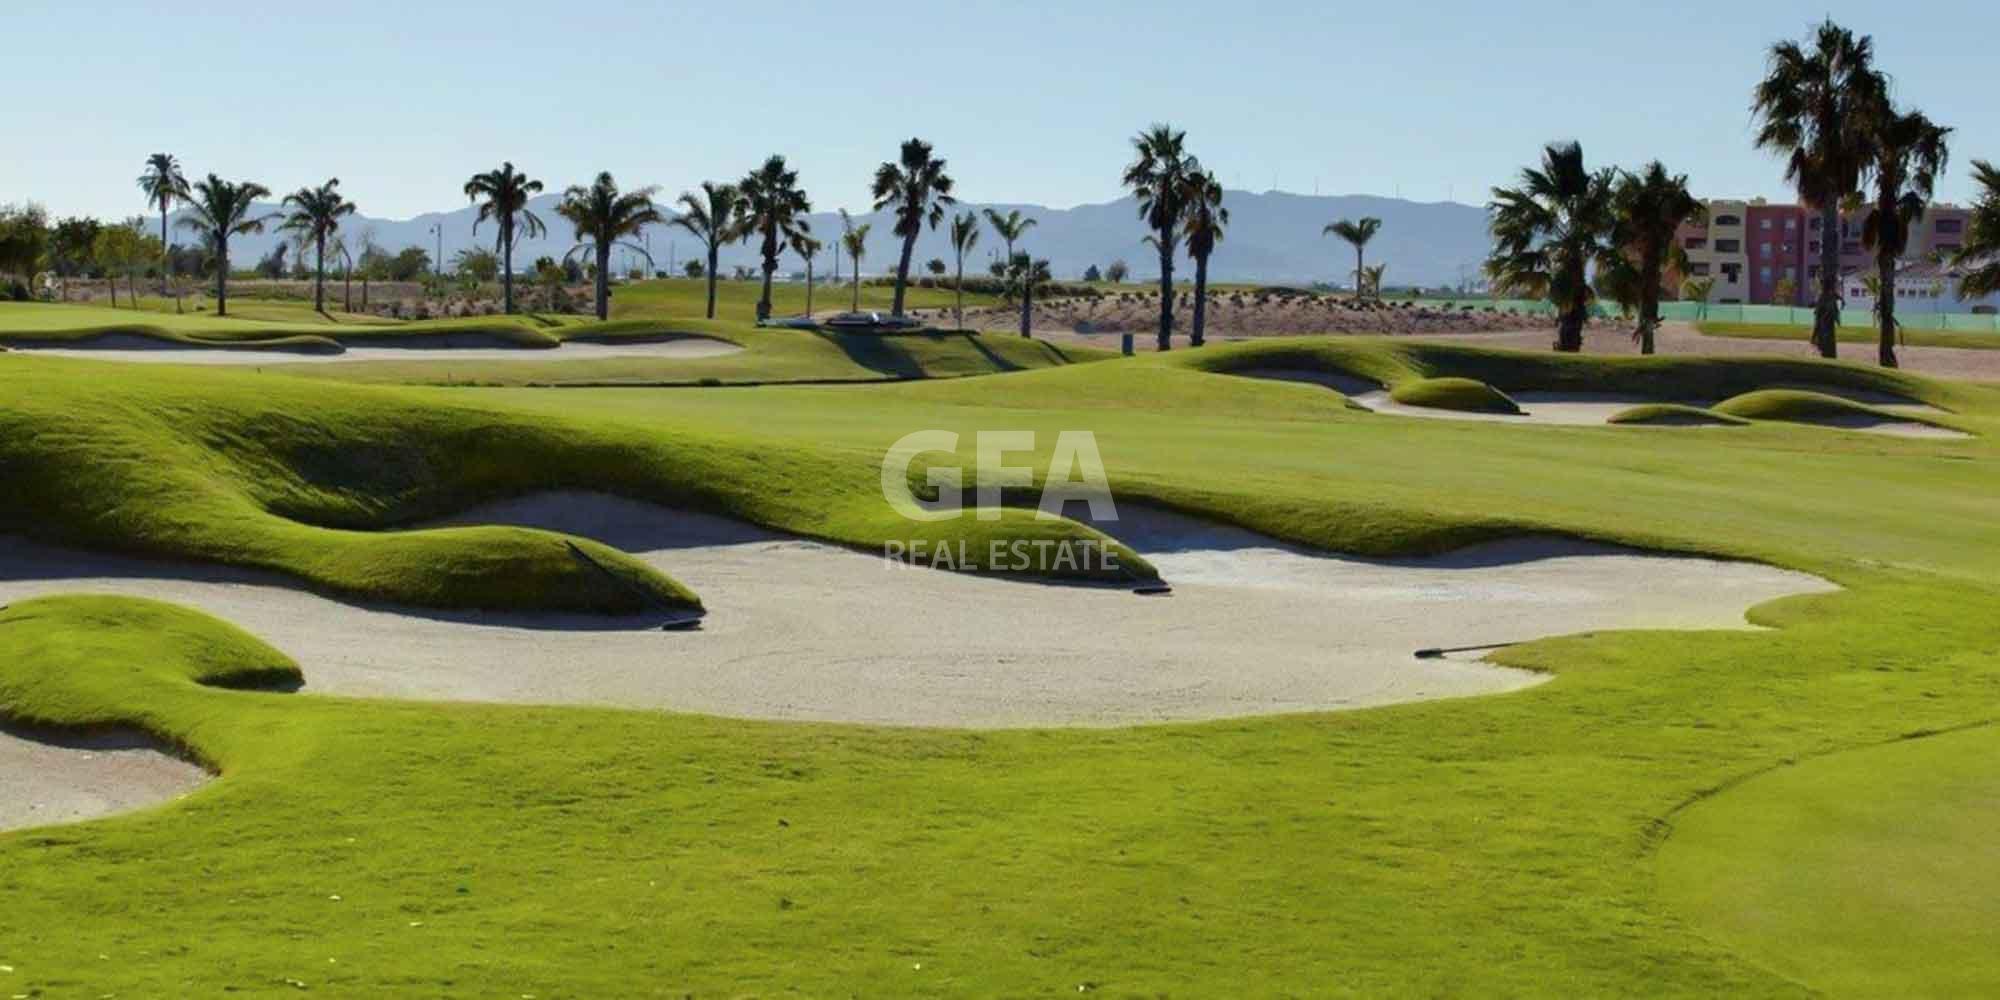 Residencial obra nueva Mar Menor Golf Resort campo de golf